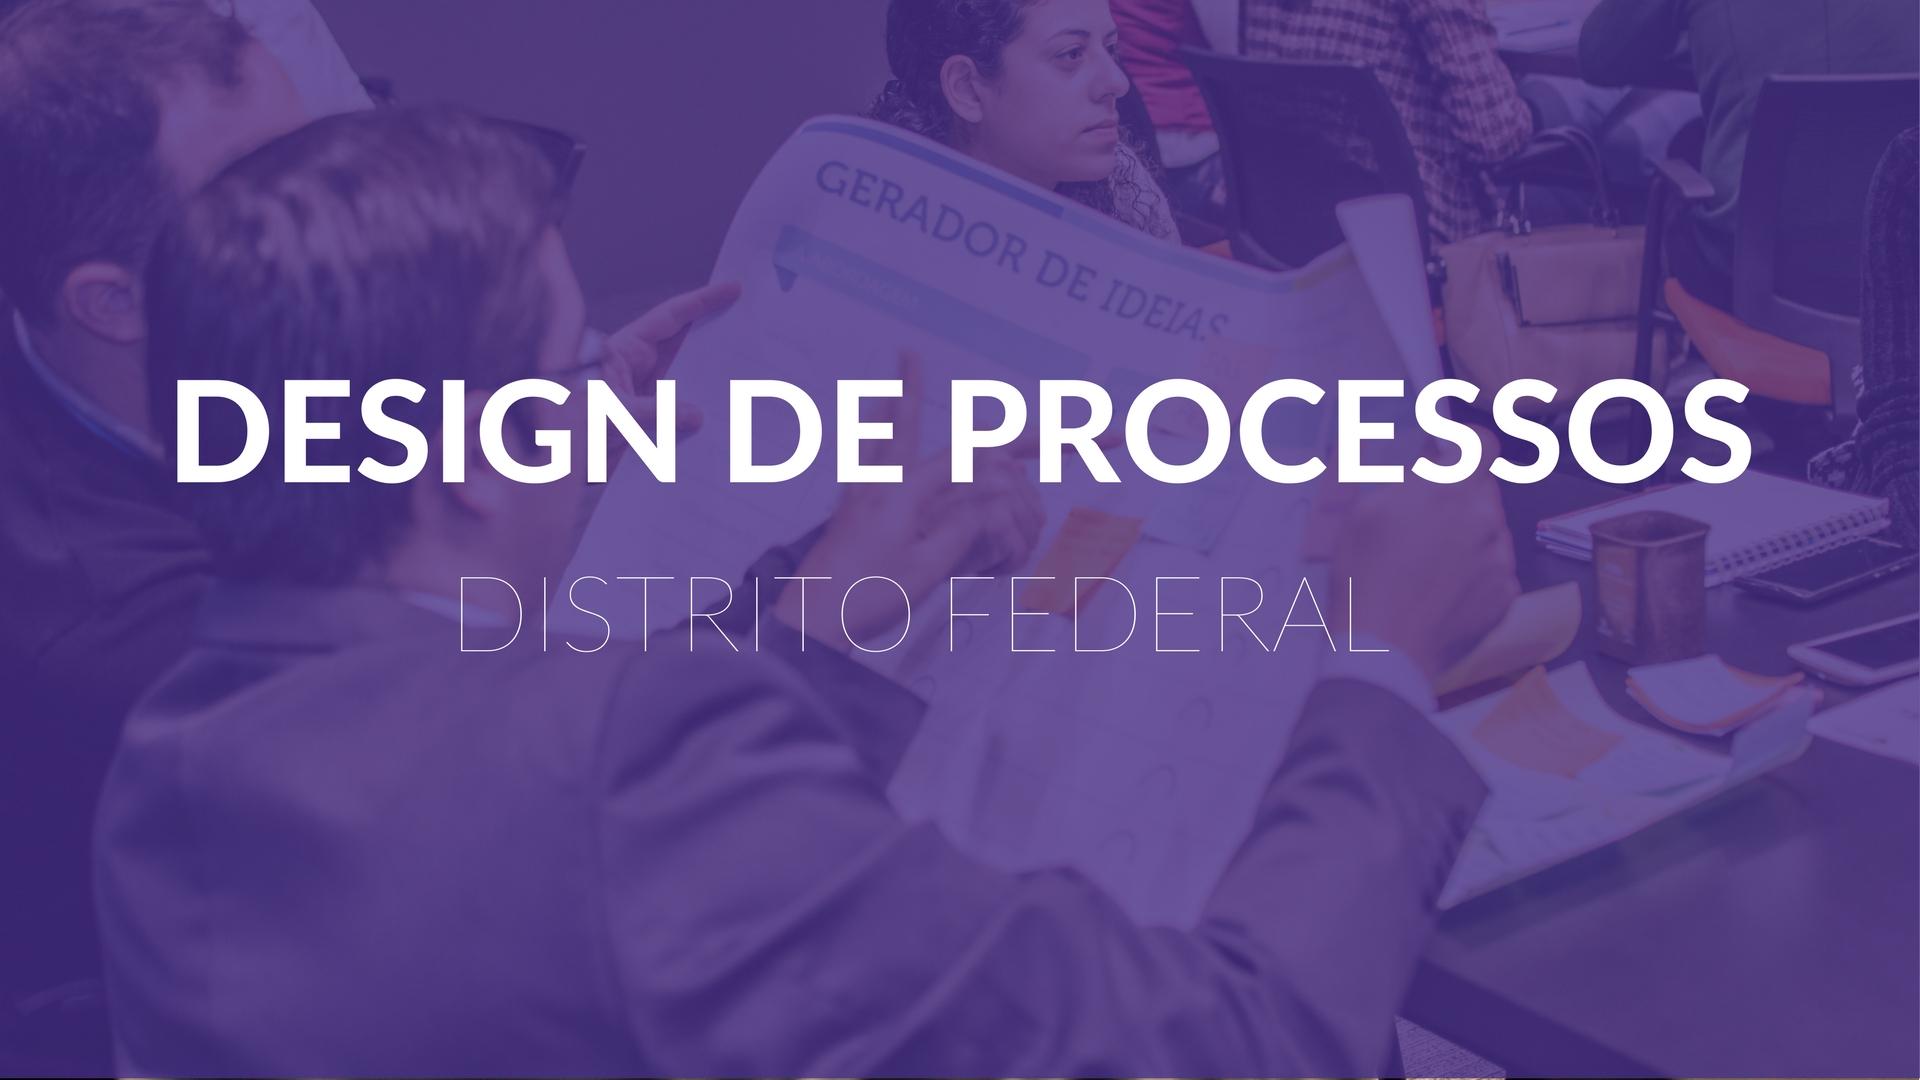 Oficina Design de Processos